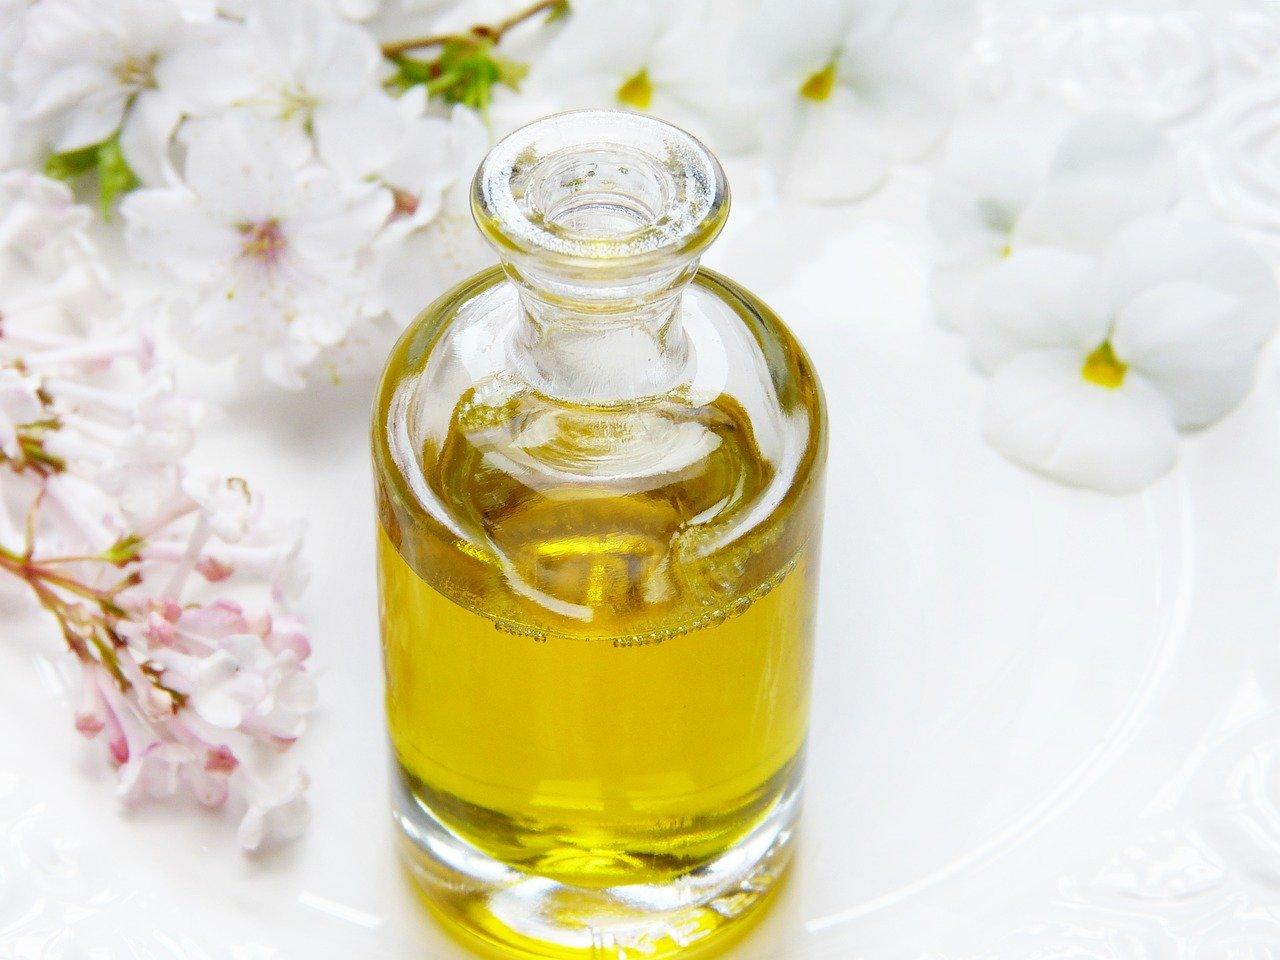 Olejek rycynowy – właściwości, zastosowanie i najważniejsze porady